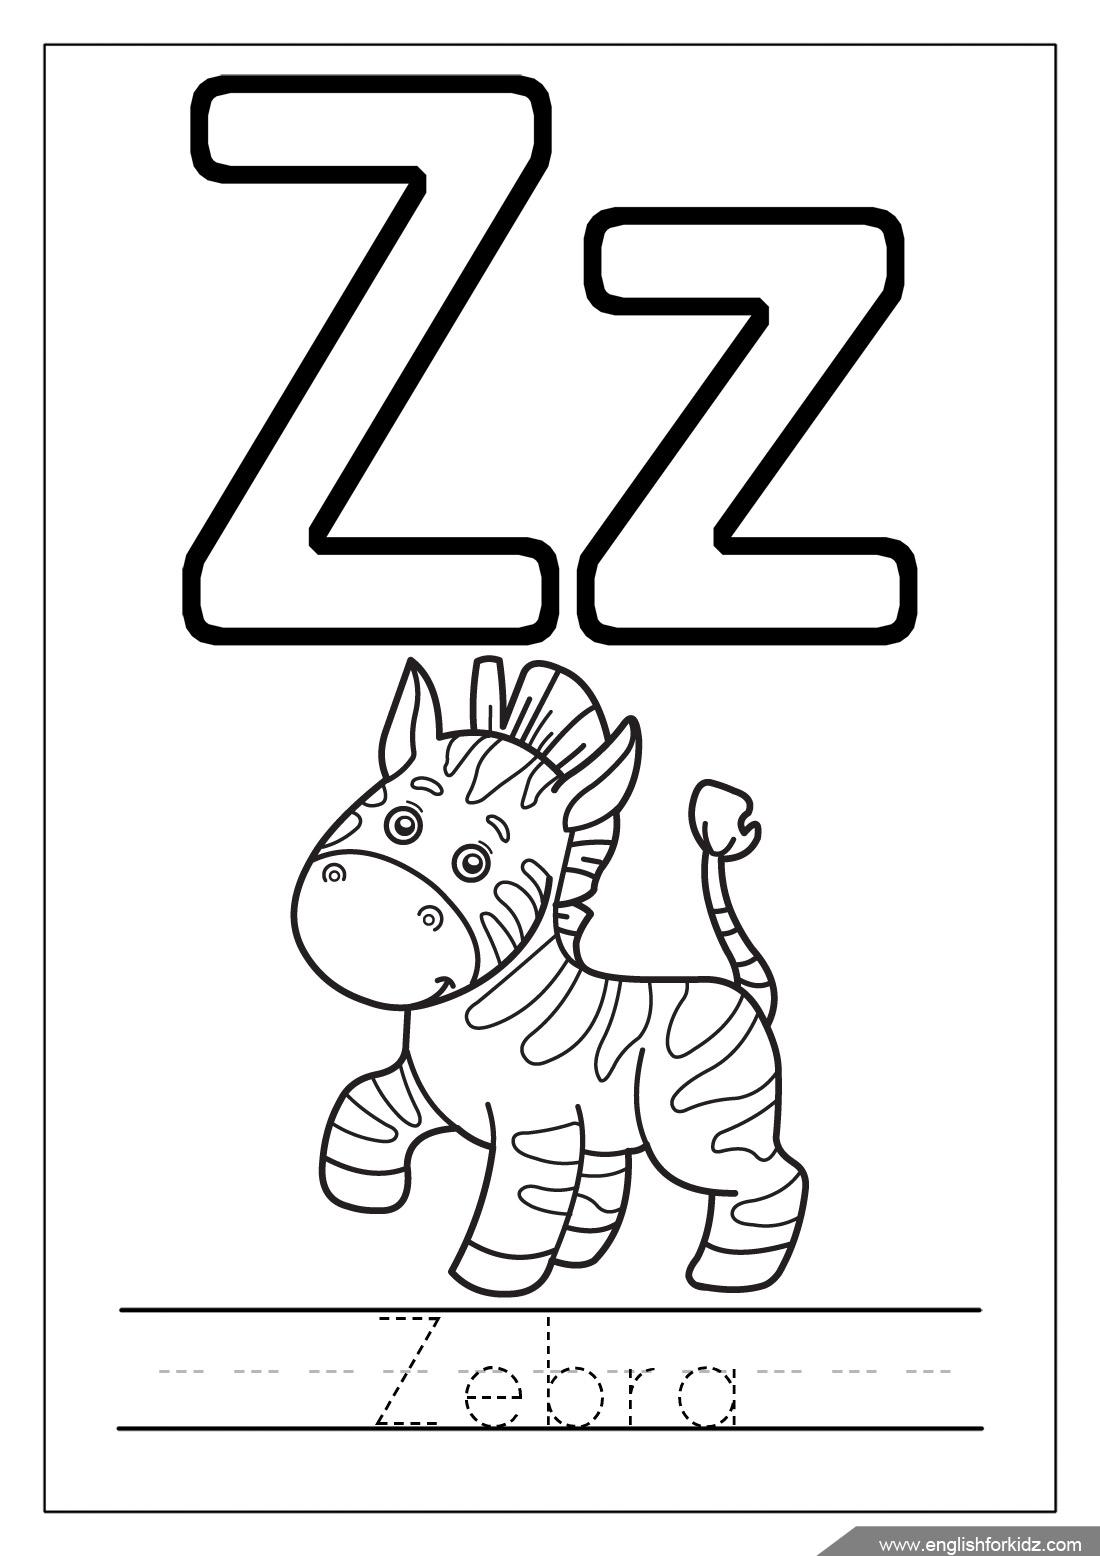 Alphabet Coloring Pages (Letters U - Z)